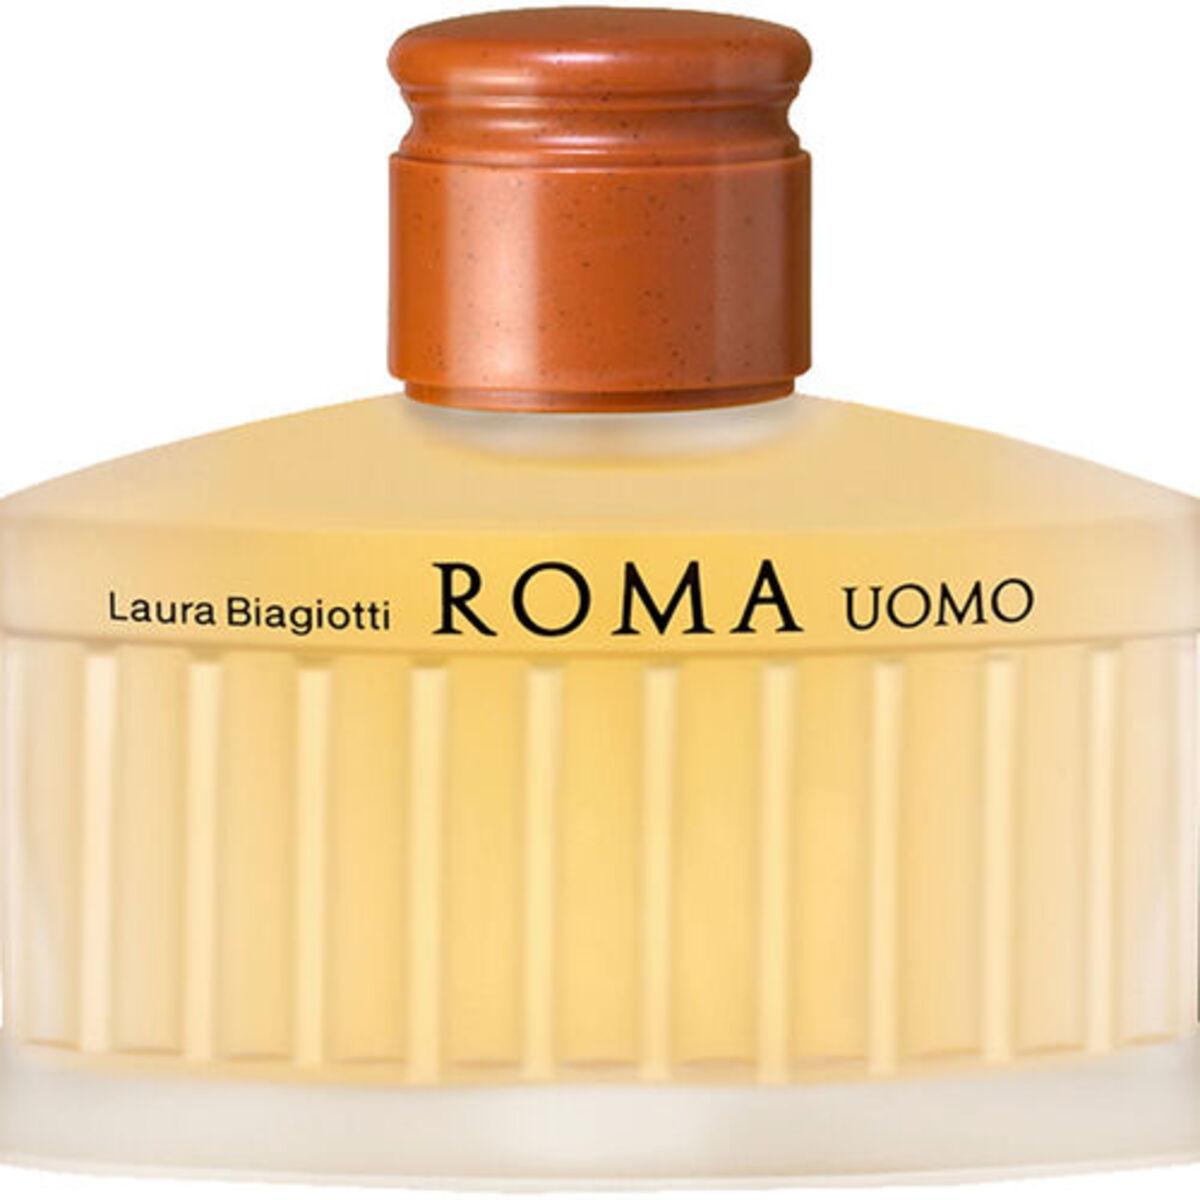 Bild 3 von Laura Biagiotti Roma Uomo, Eau de Toilette, 125 ml